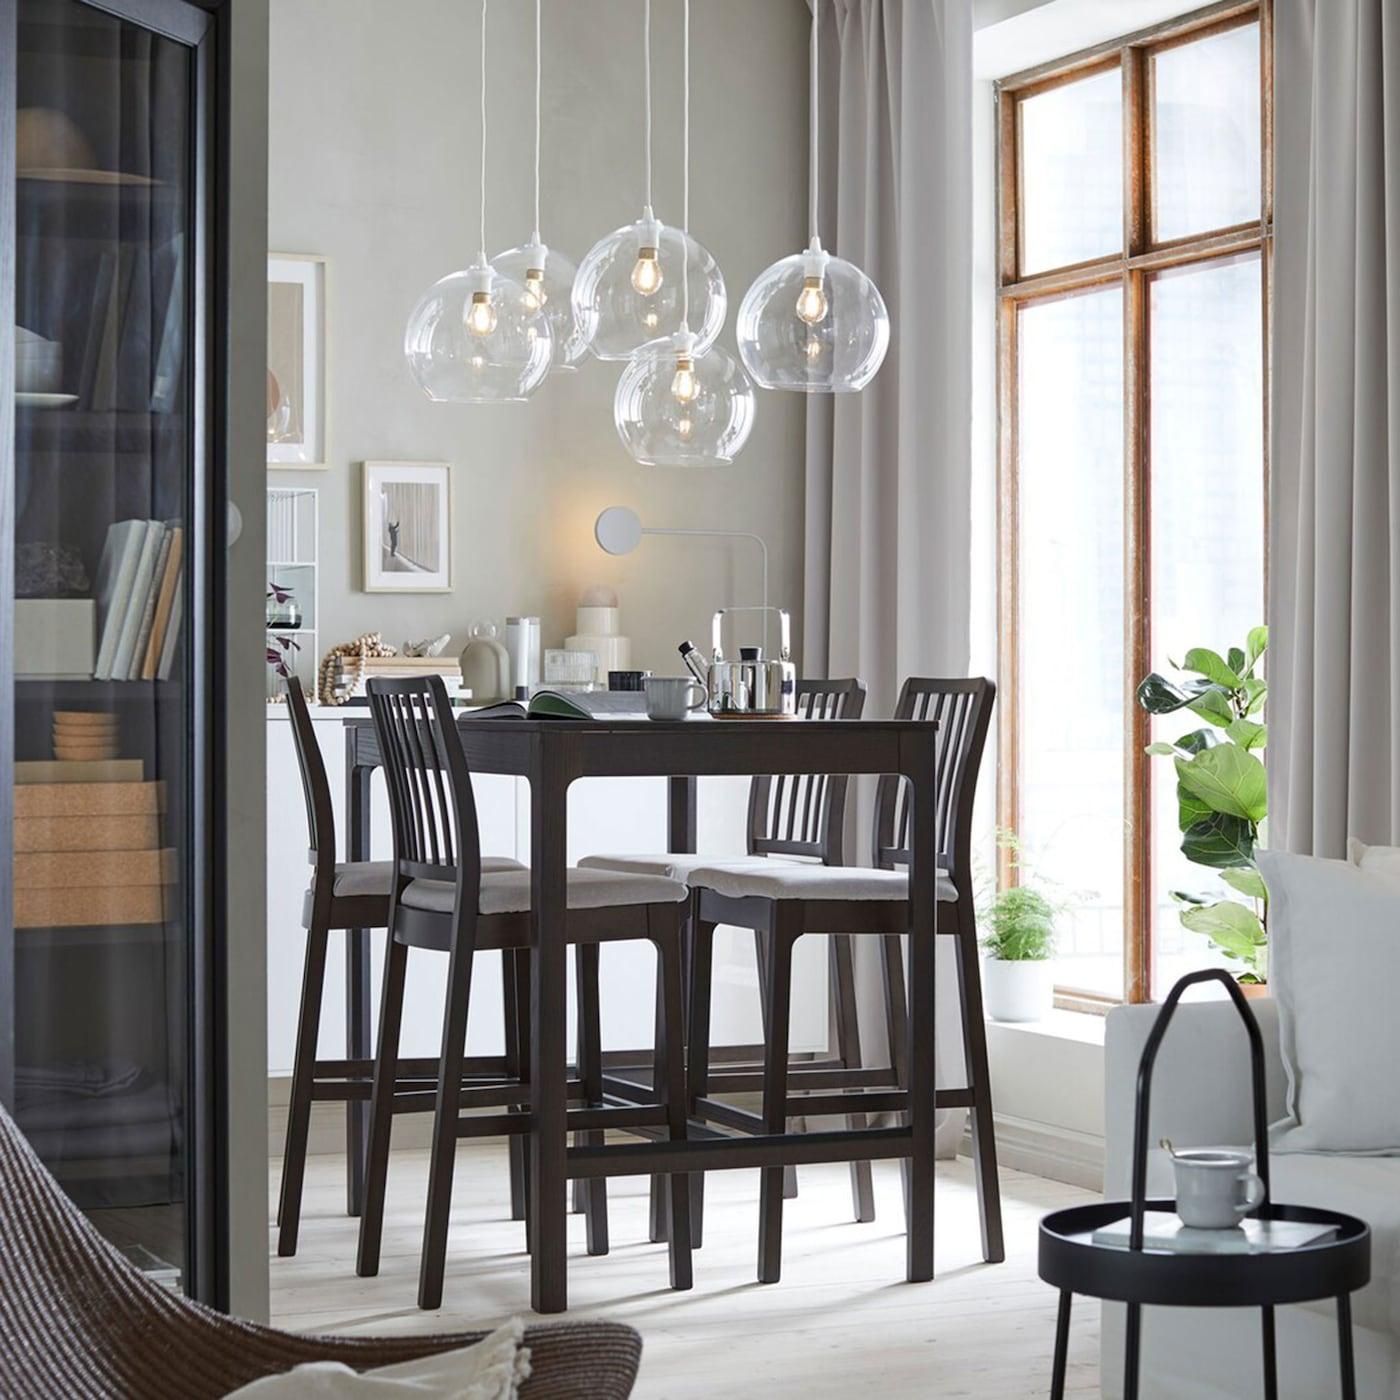 Idées Pour L'aménagement De Ta Salle À Manger - Ikea Suisse encequiconcerne Table Salle A Manger Pliante Ikea